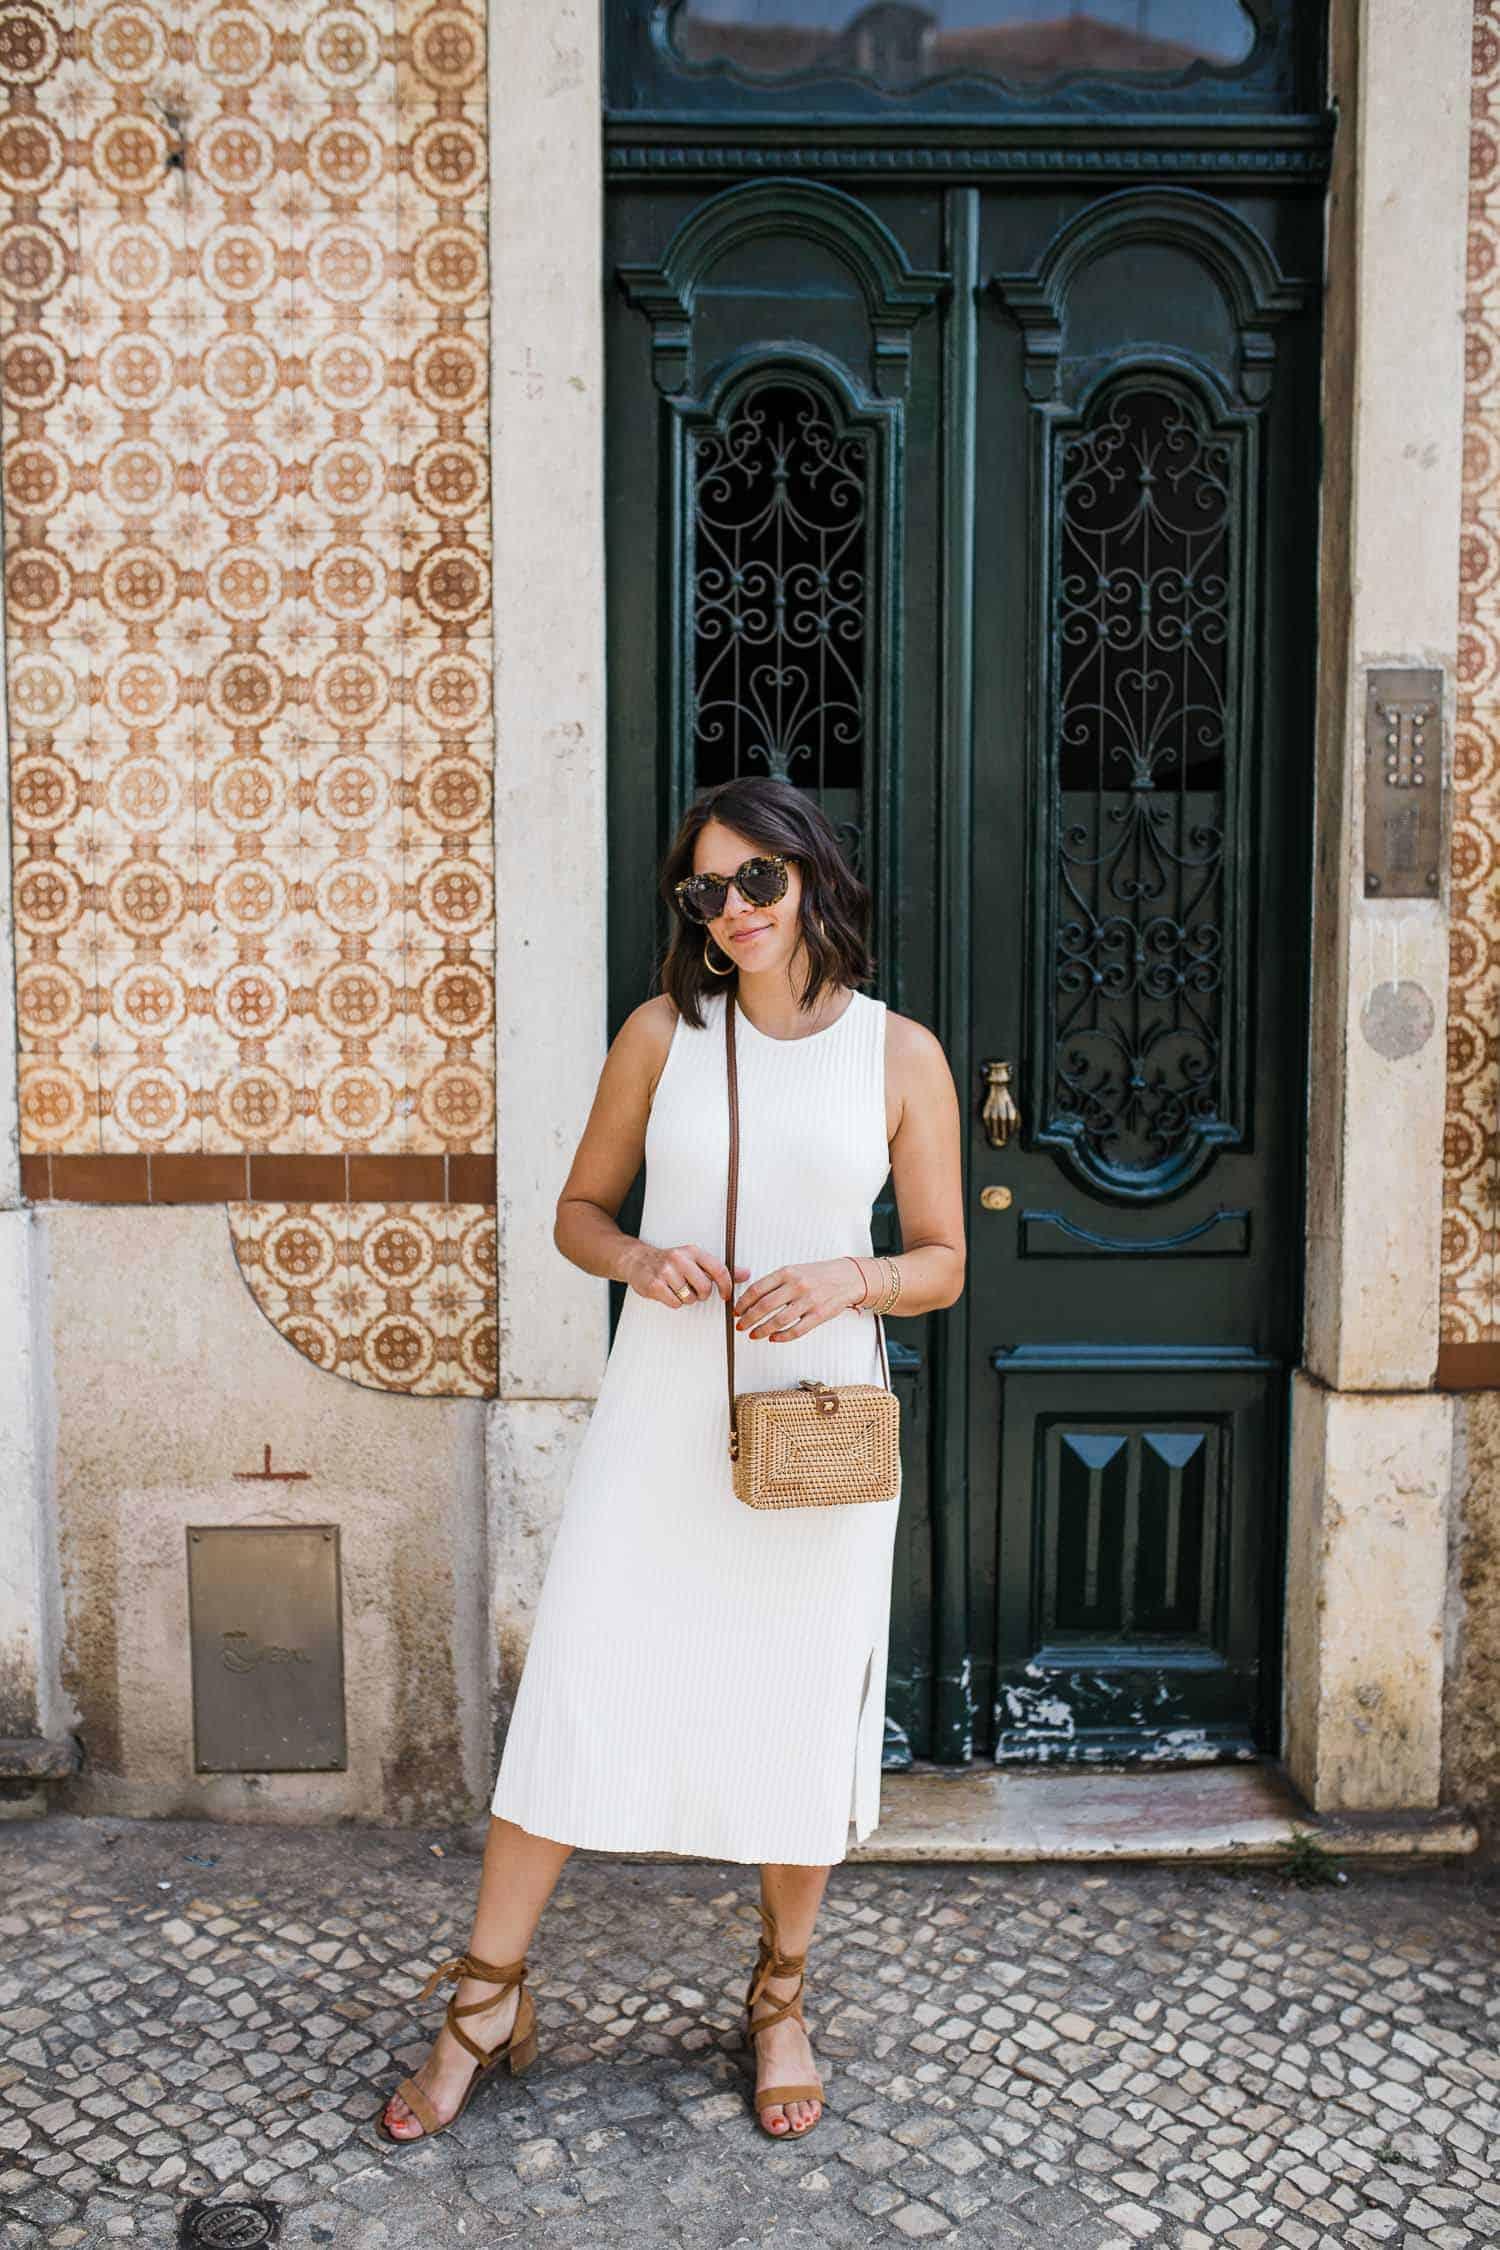 Jessica in a white dress